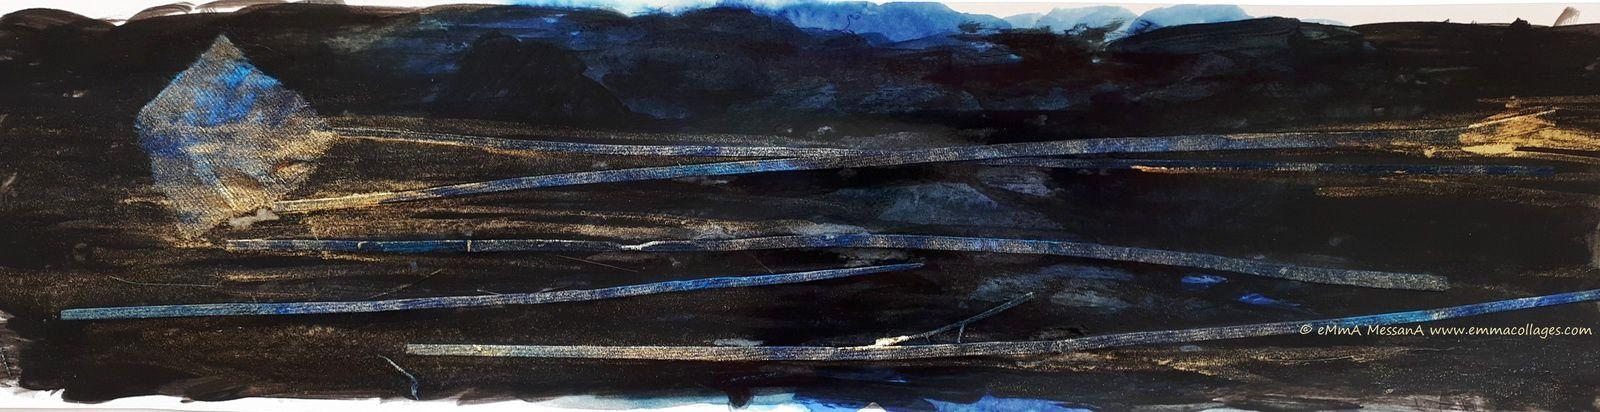 Les Collages d'eMmA MessanA, collage N° 414 Hommage à NF, pièce unique © eMmA MessanA